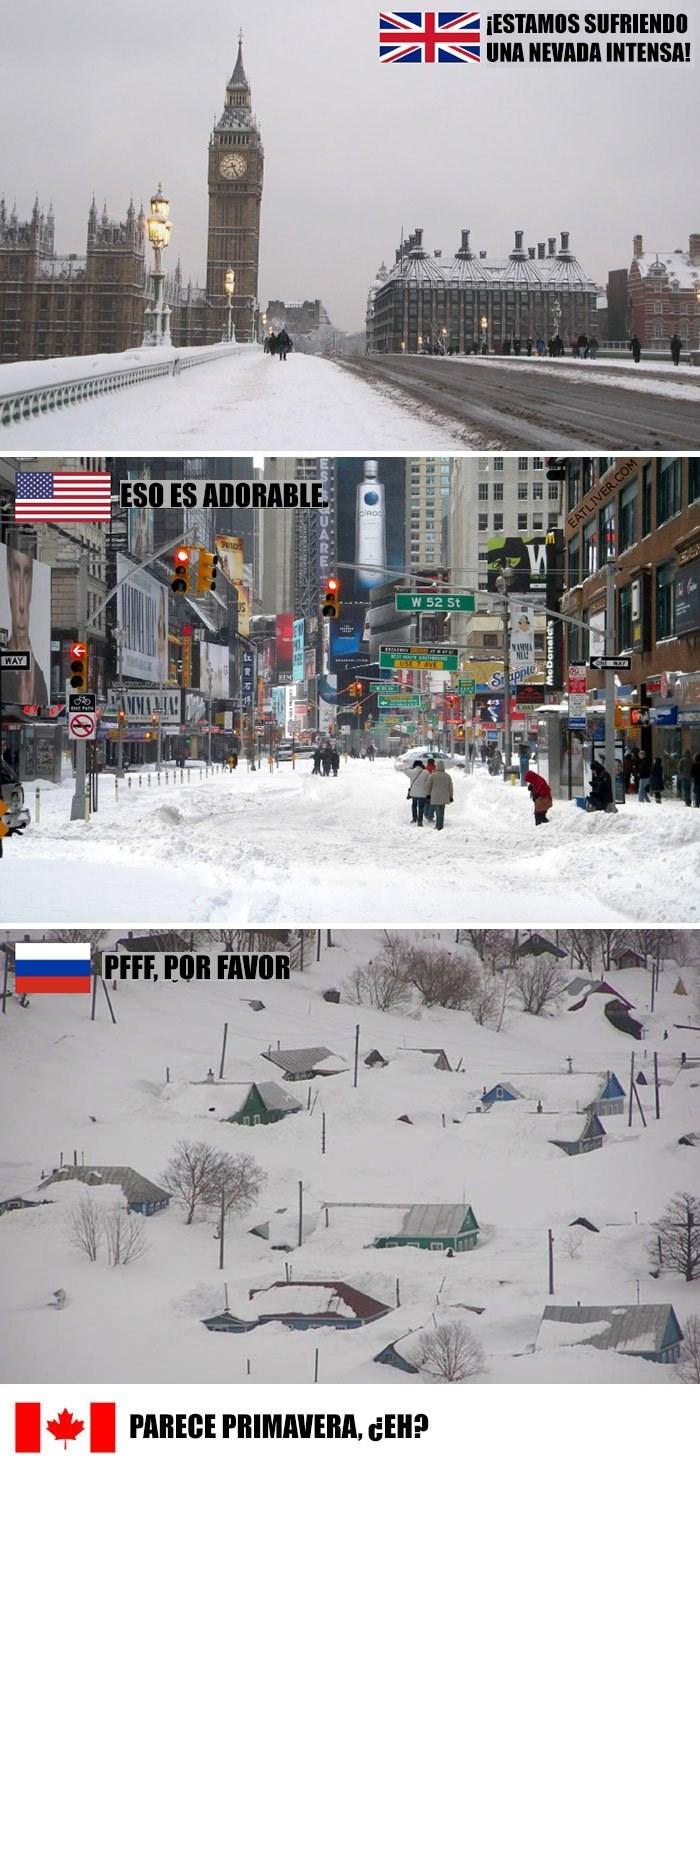 comparaciones de invierno en distintos paises